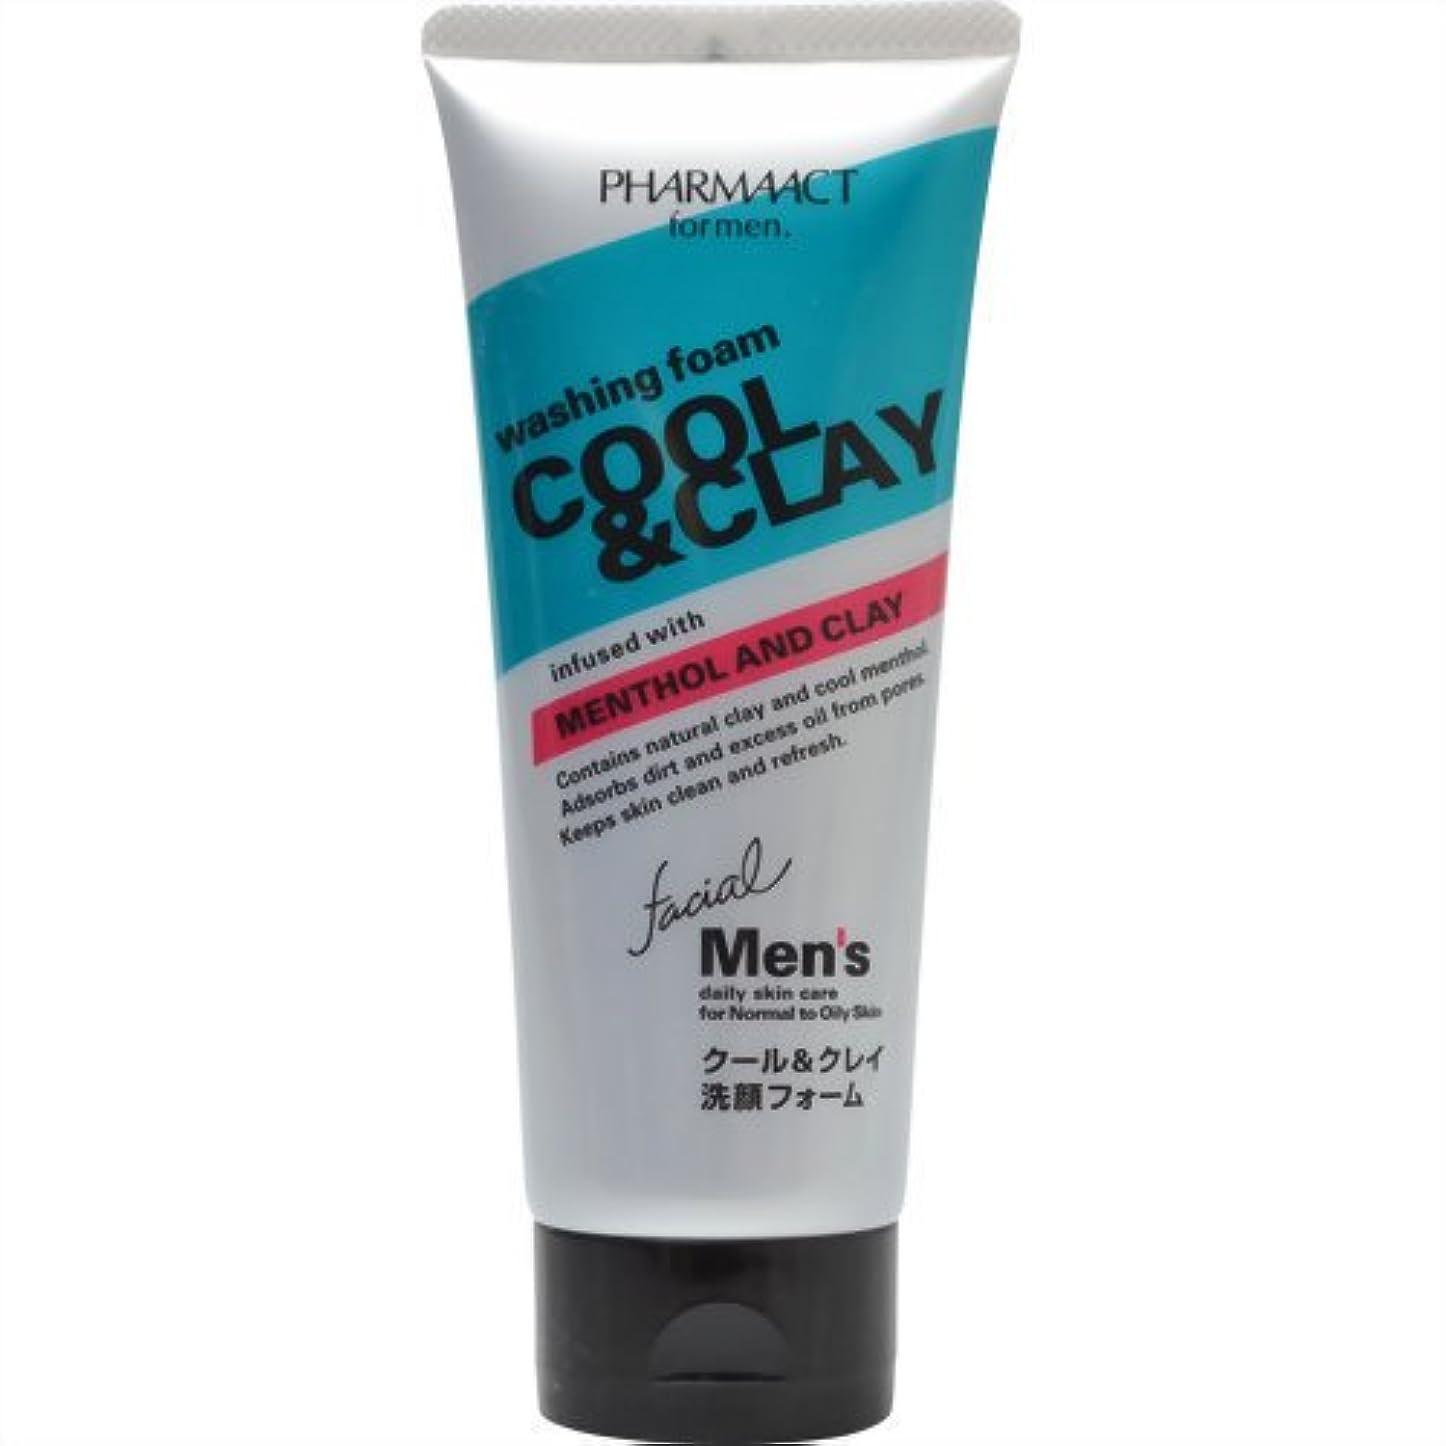 逆説ノミネート排泄物ファーマアクト メンズ クール&クレイ洗顔フォーム 130g